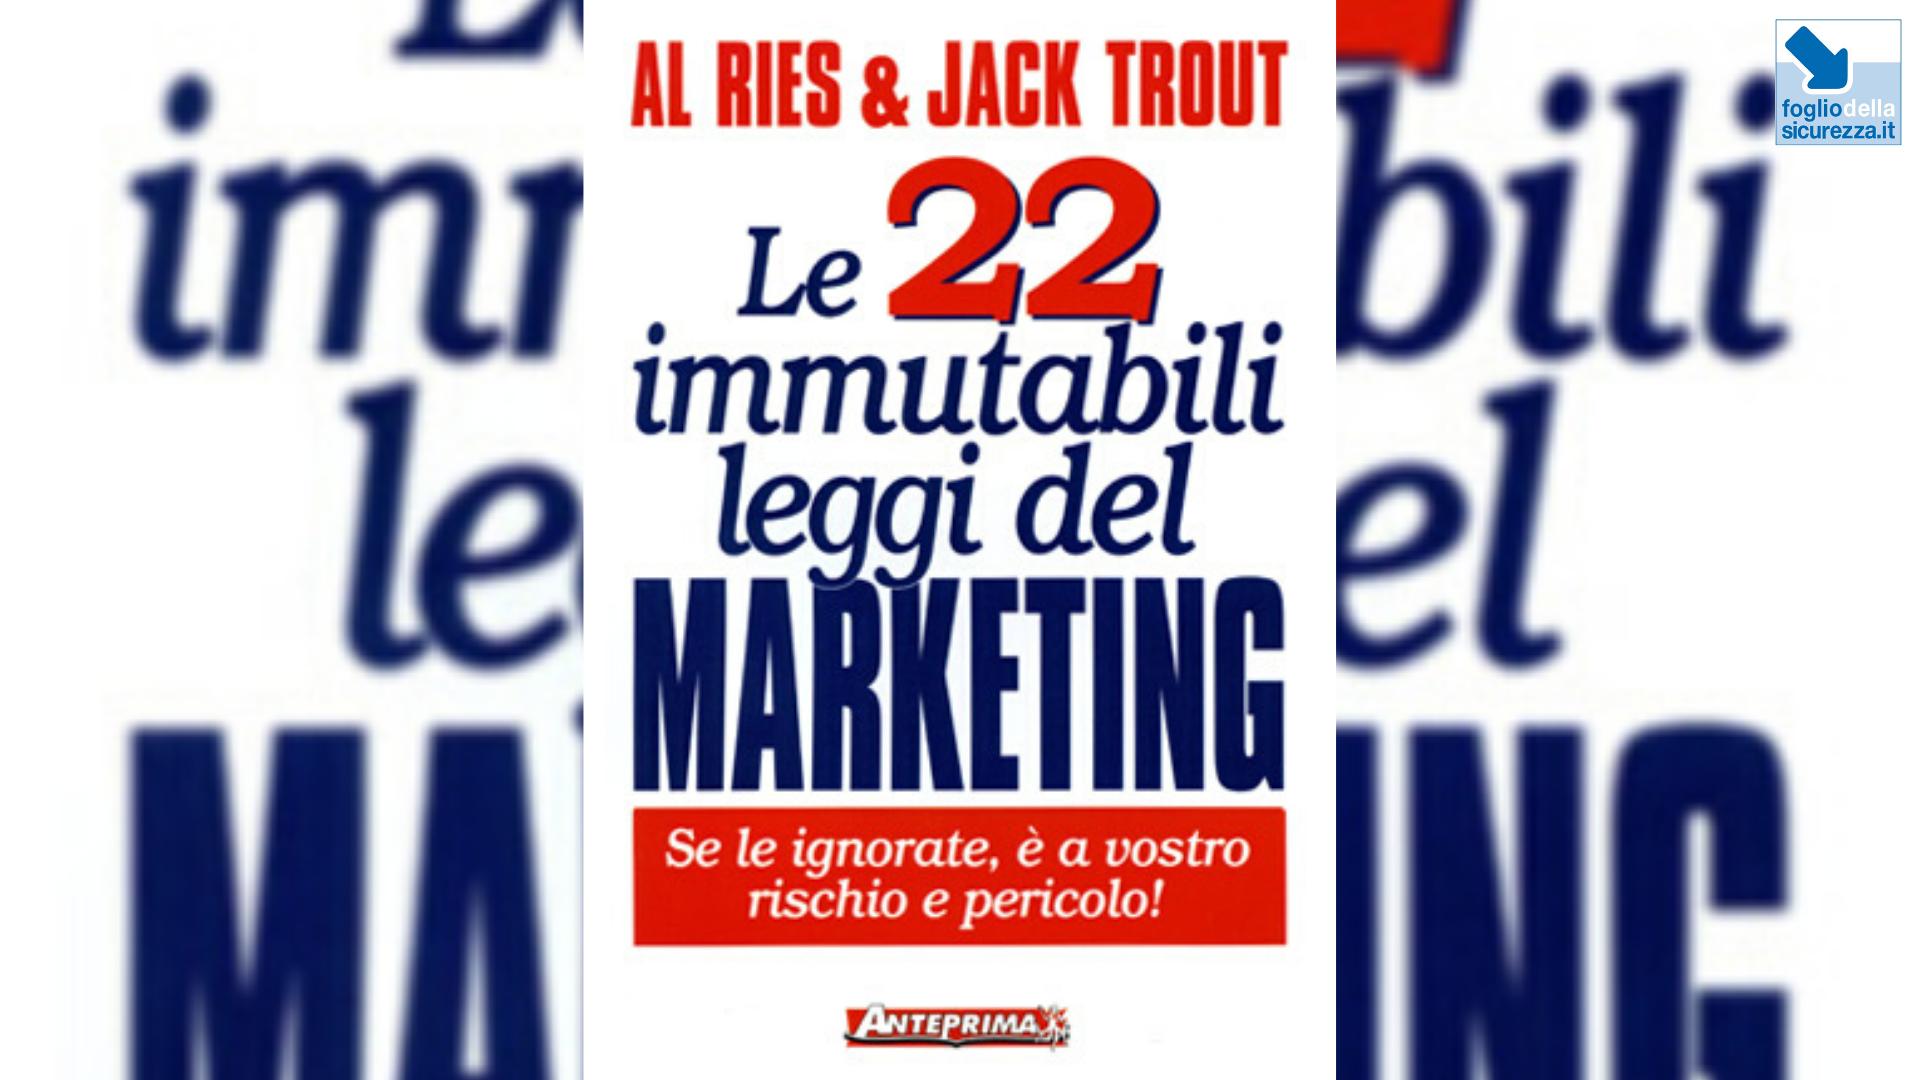 Le 22 immutabili leggi del marketing per la safety